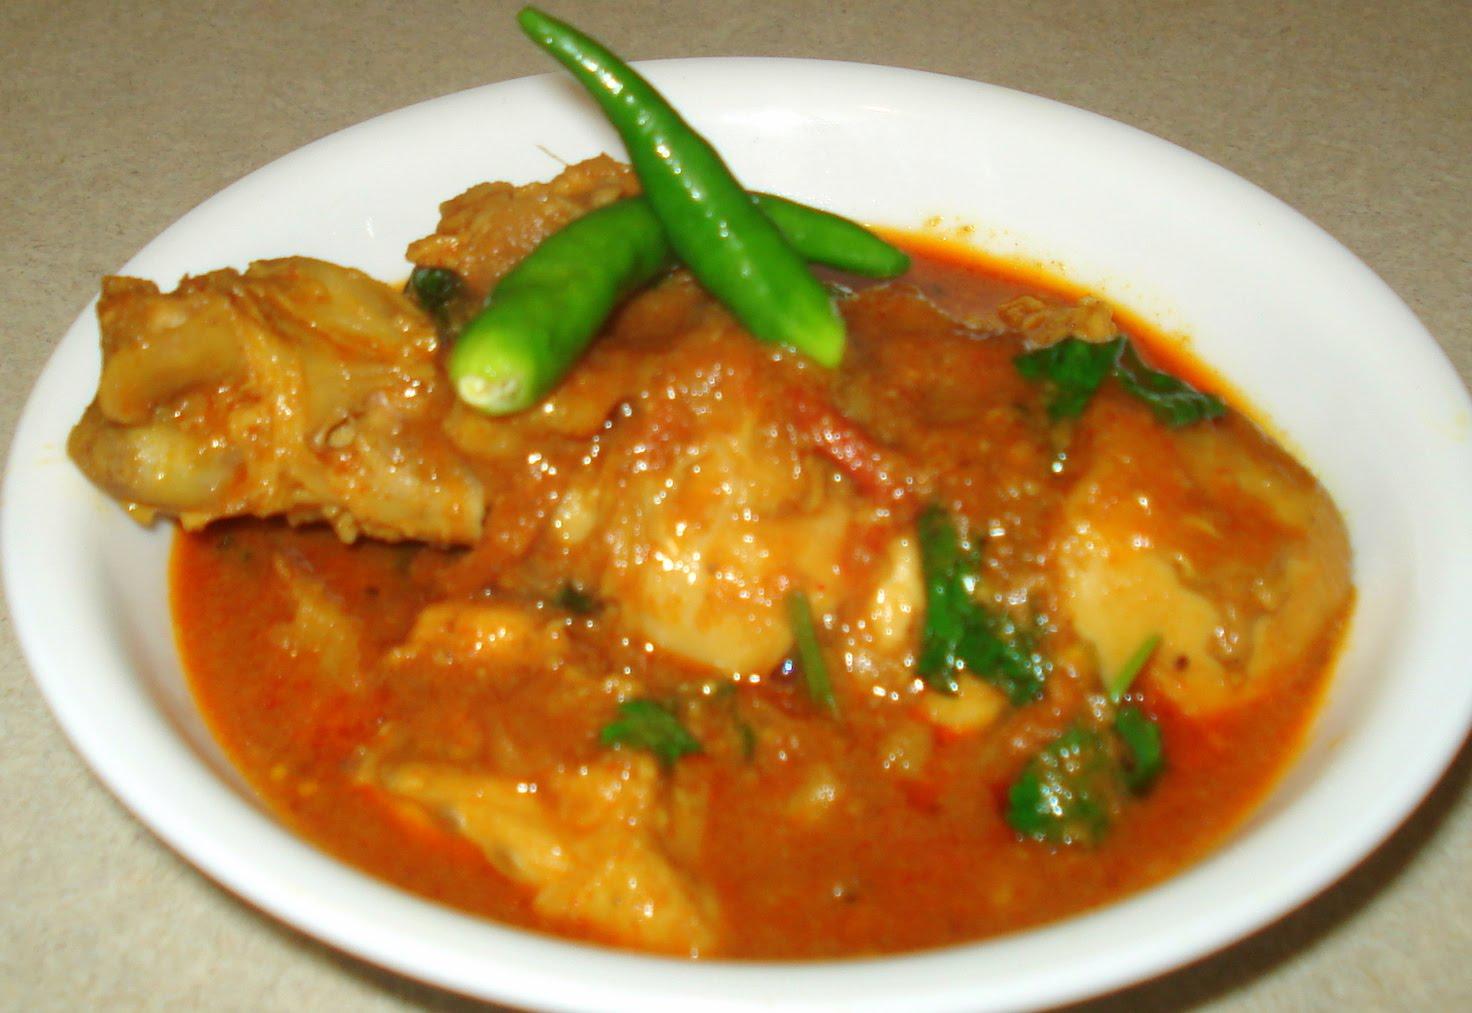 Titillating Tastebuds: * Chicken curry